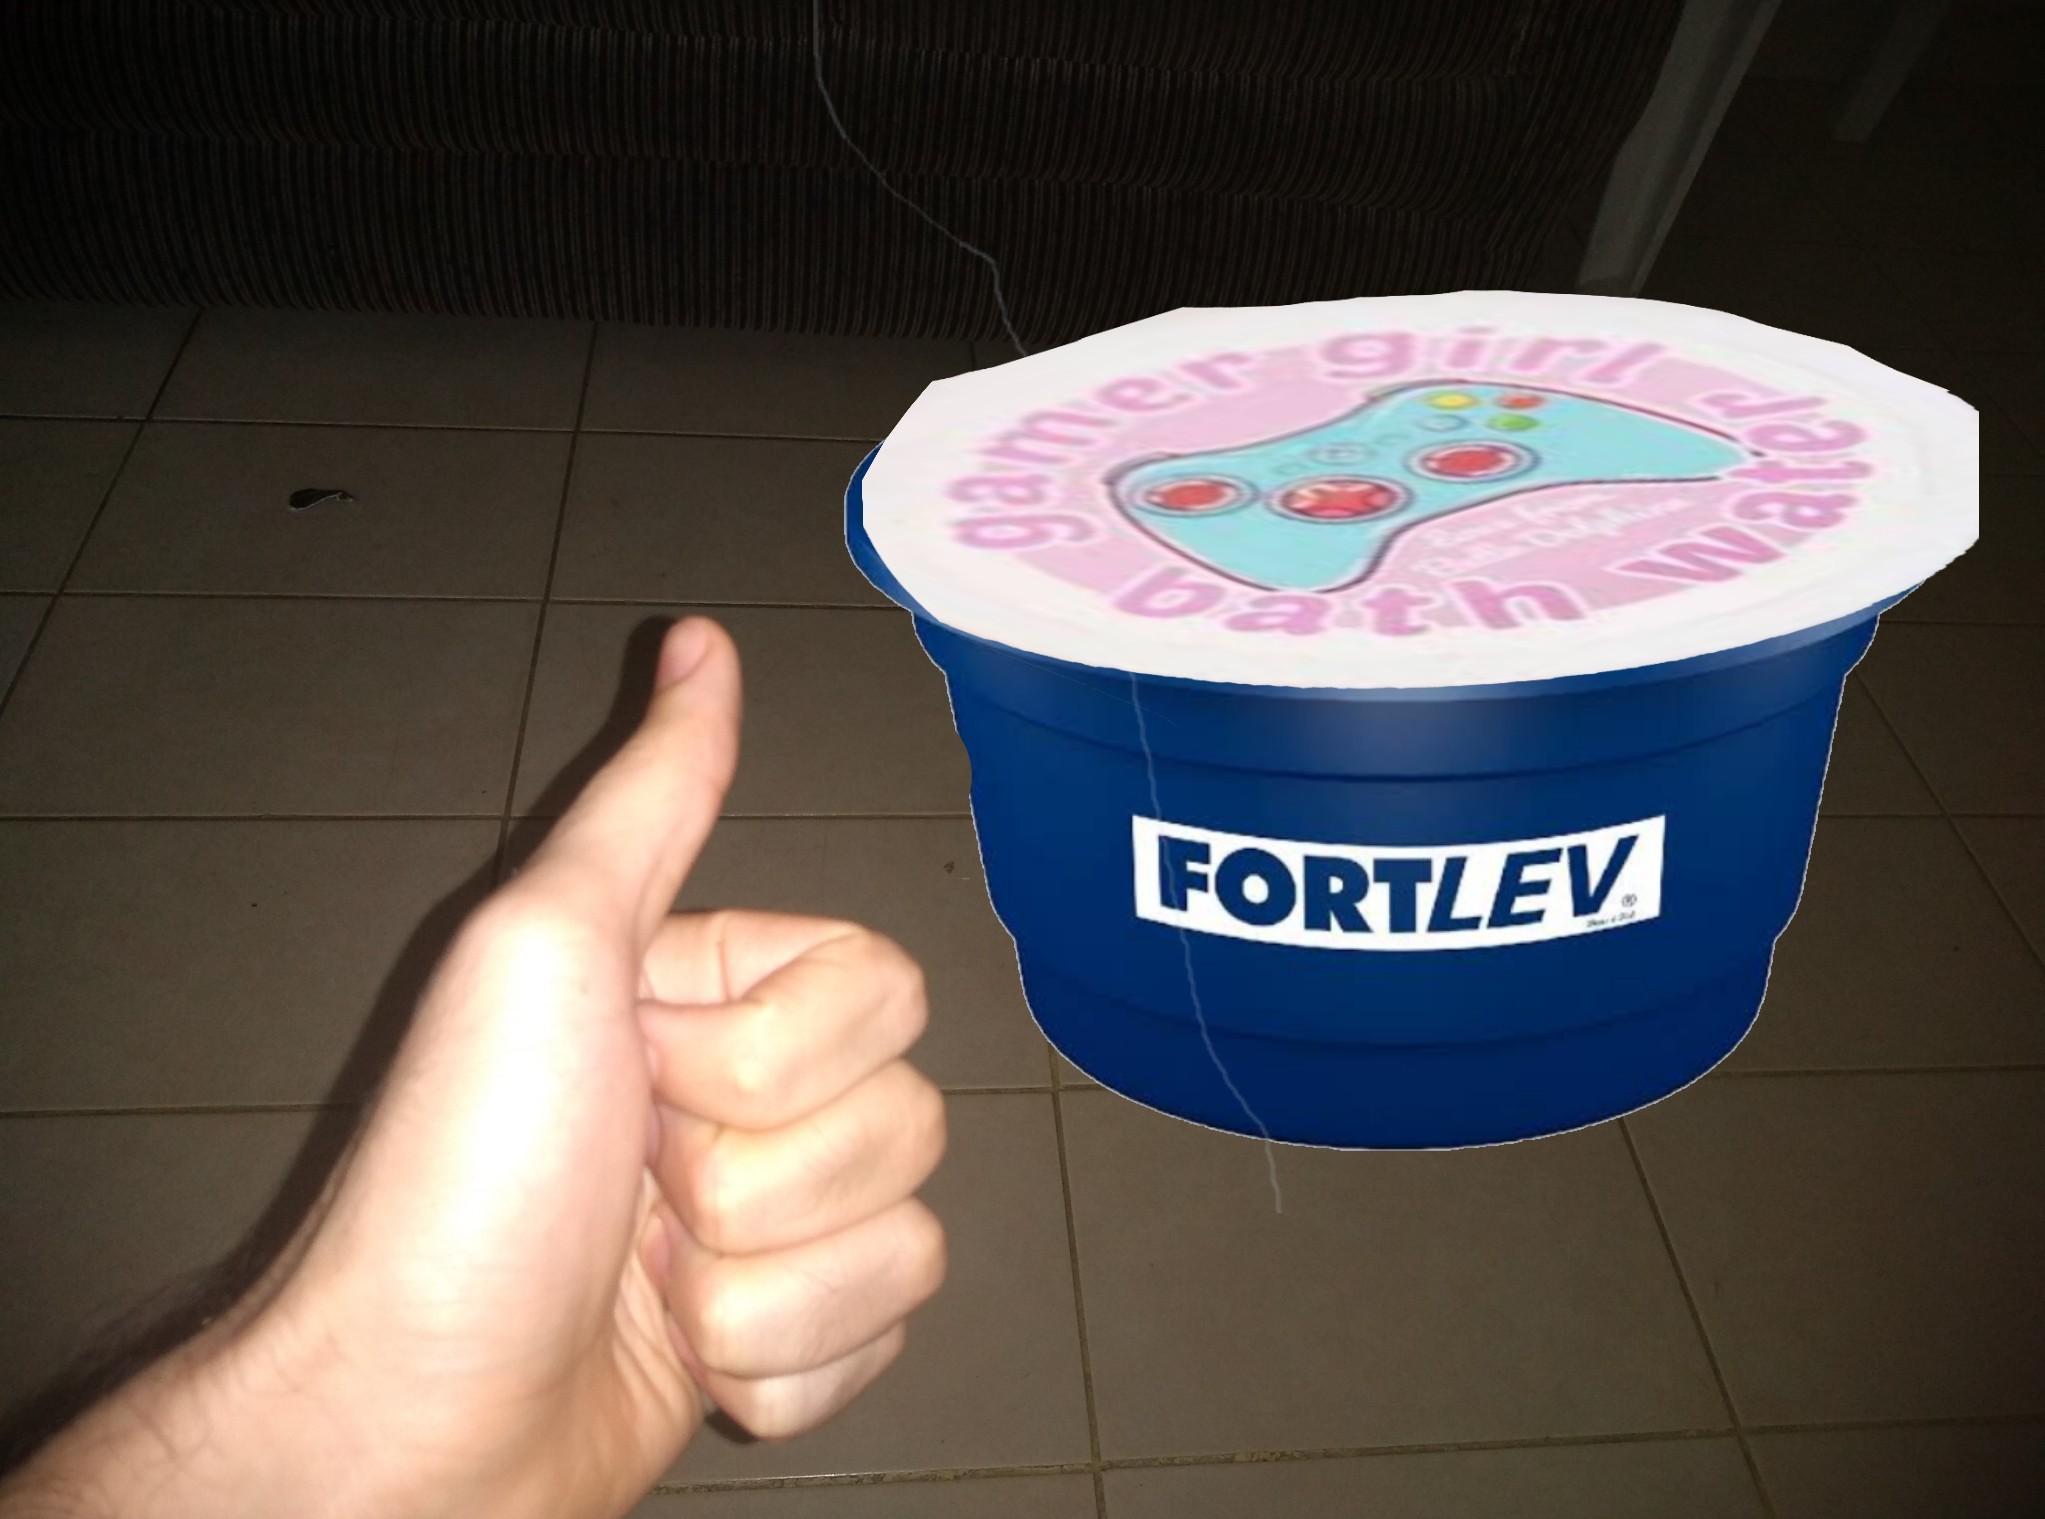 Finalmente chegou glr comprei logo uma caixa d'água - meme